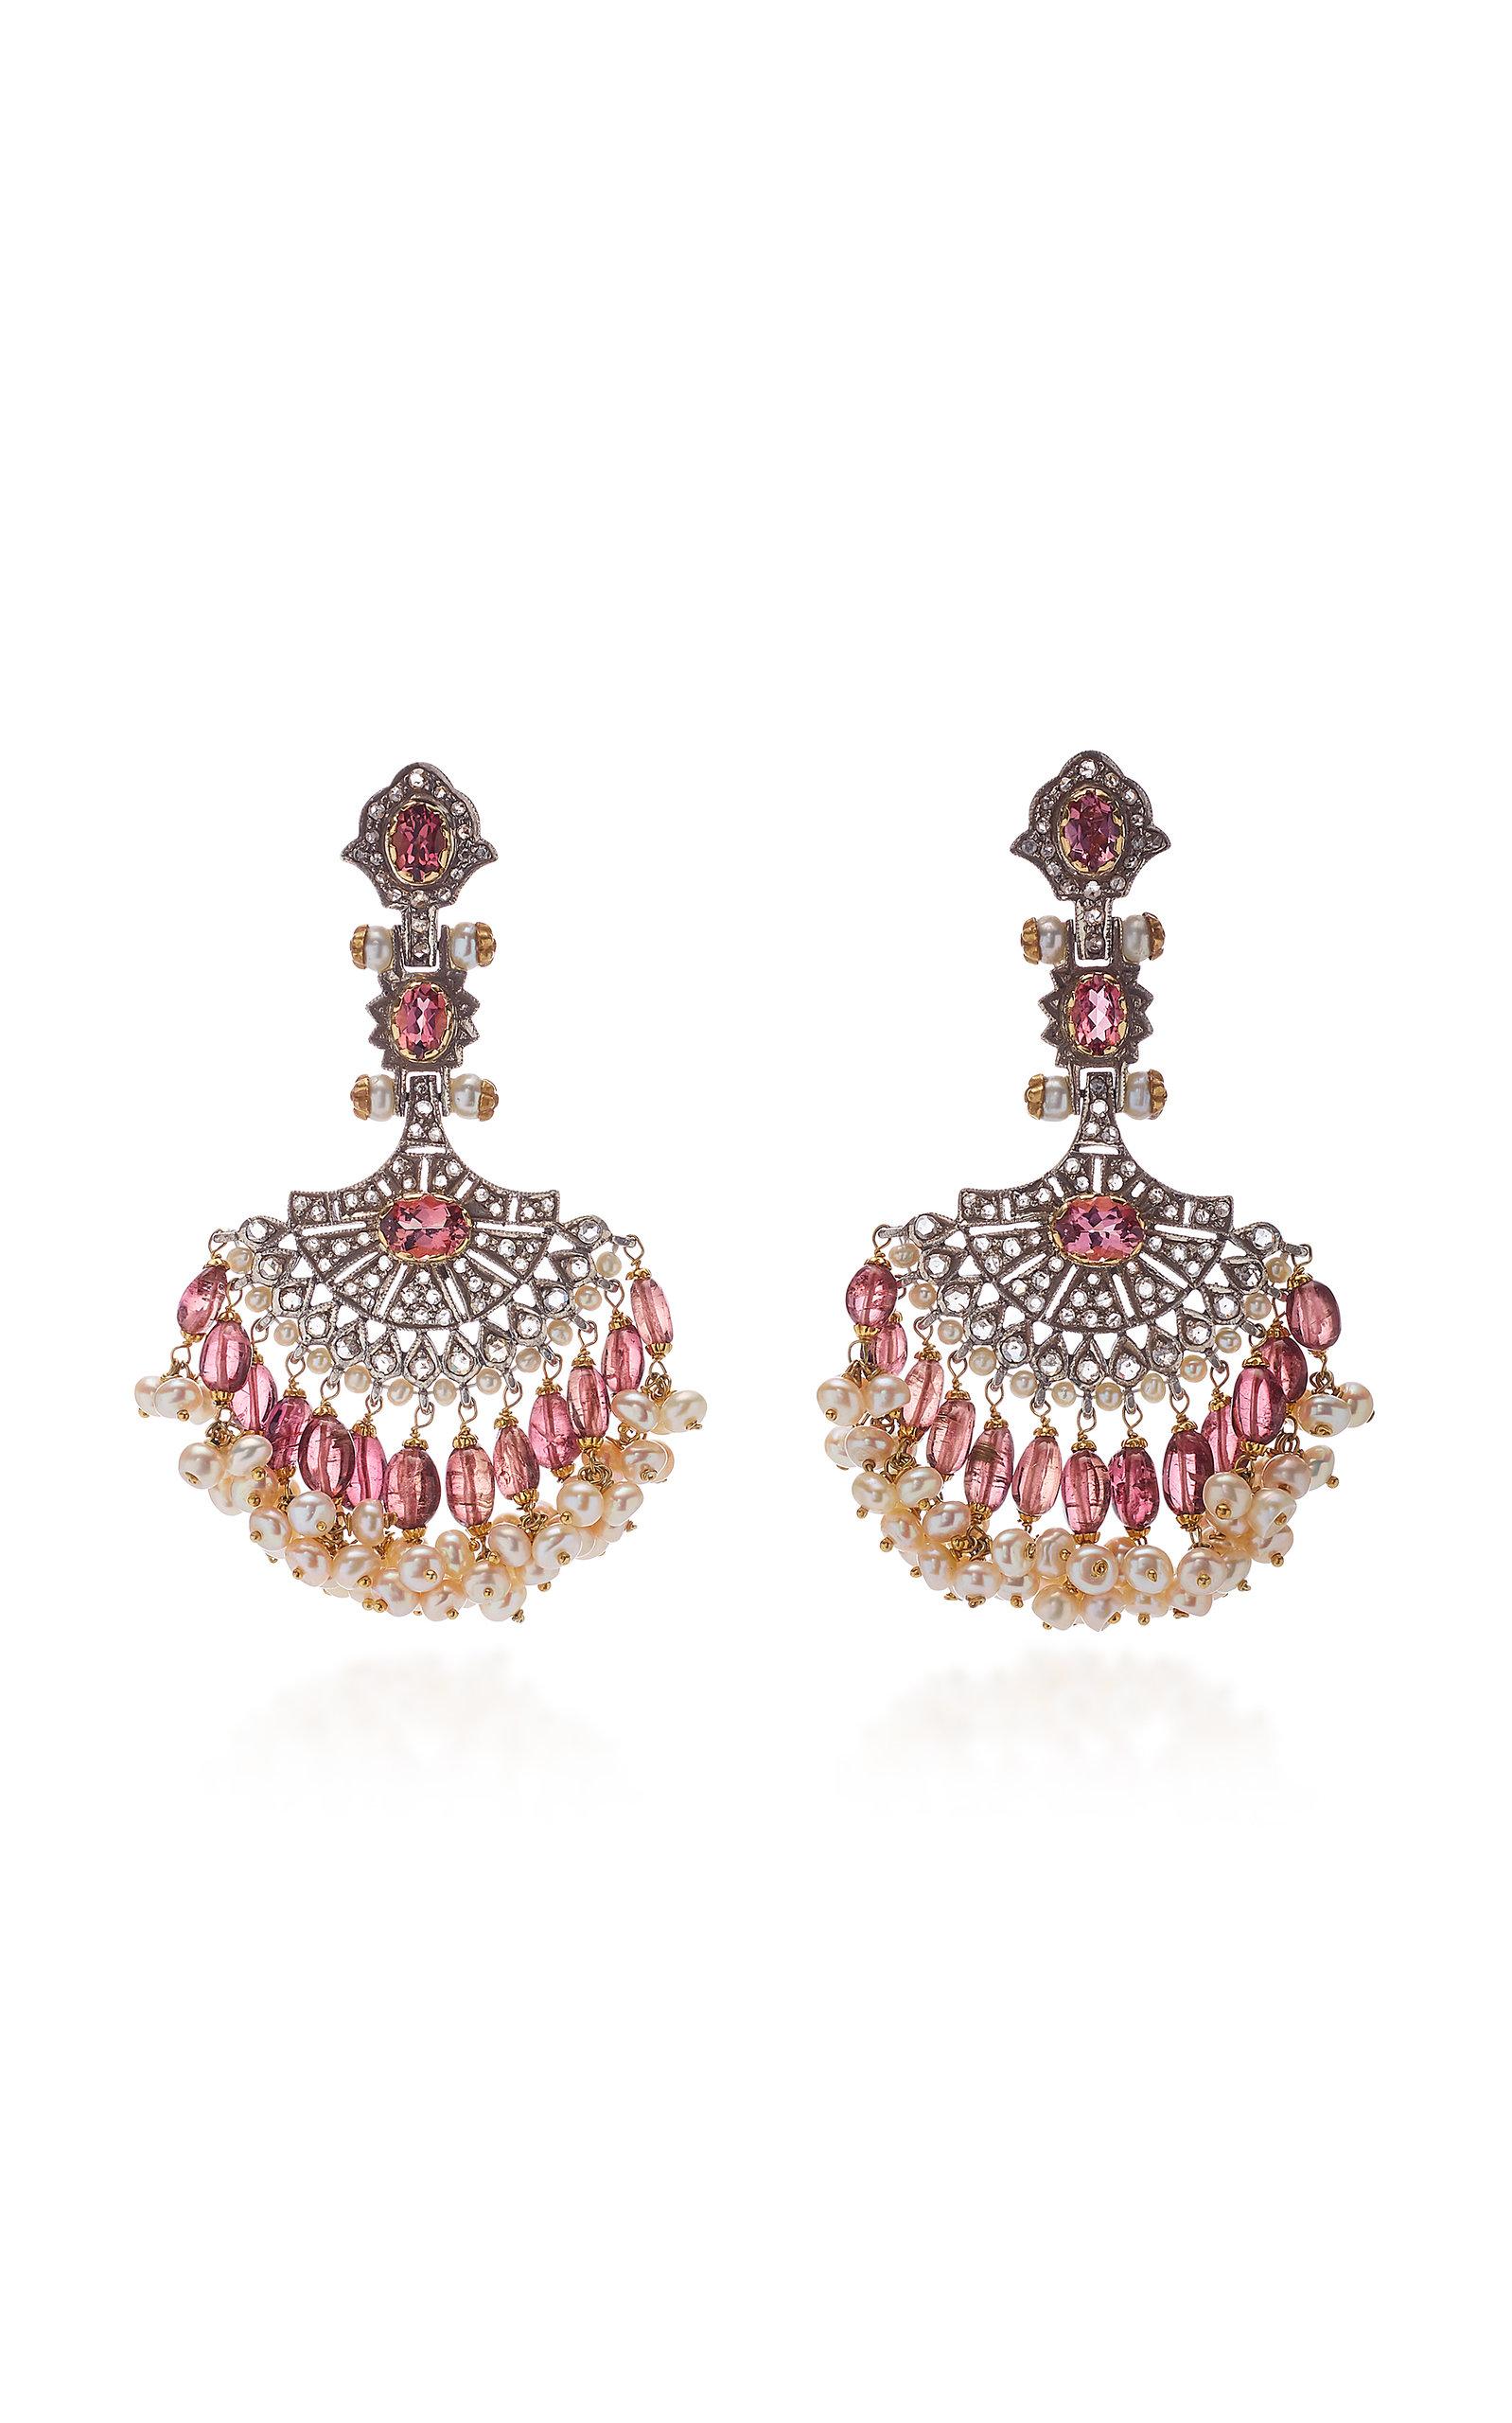 SANJAY KASLIWAL 14K Gold Indorussian Multi-Stone Fan Earrings in Pink